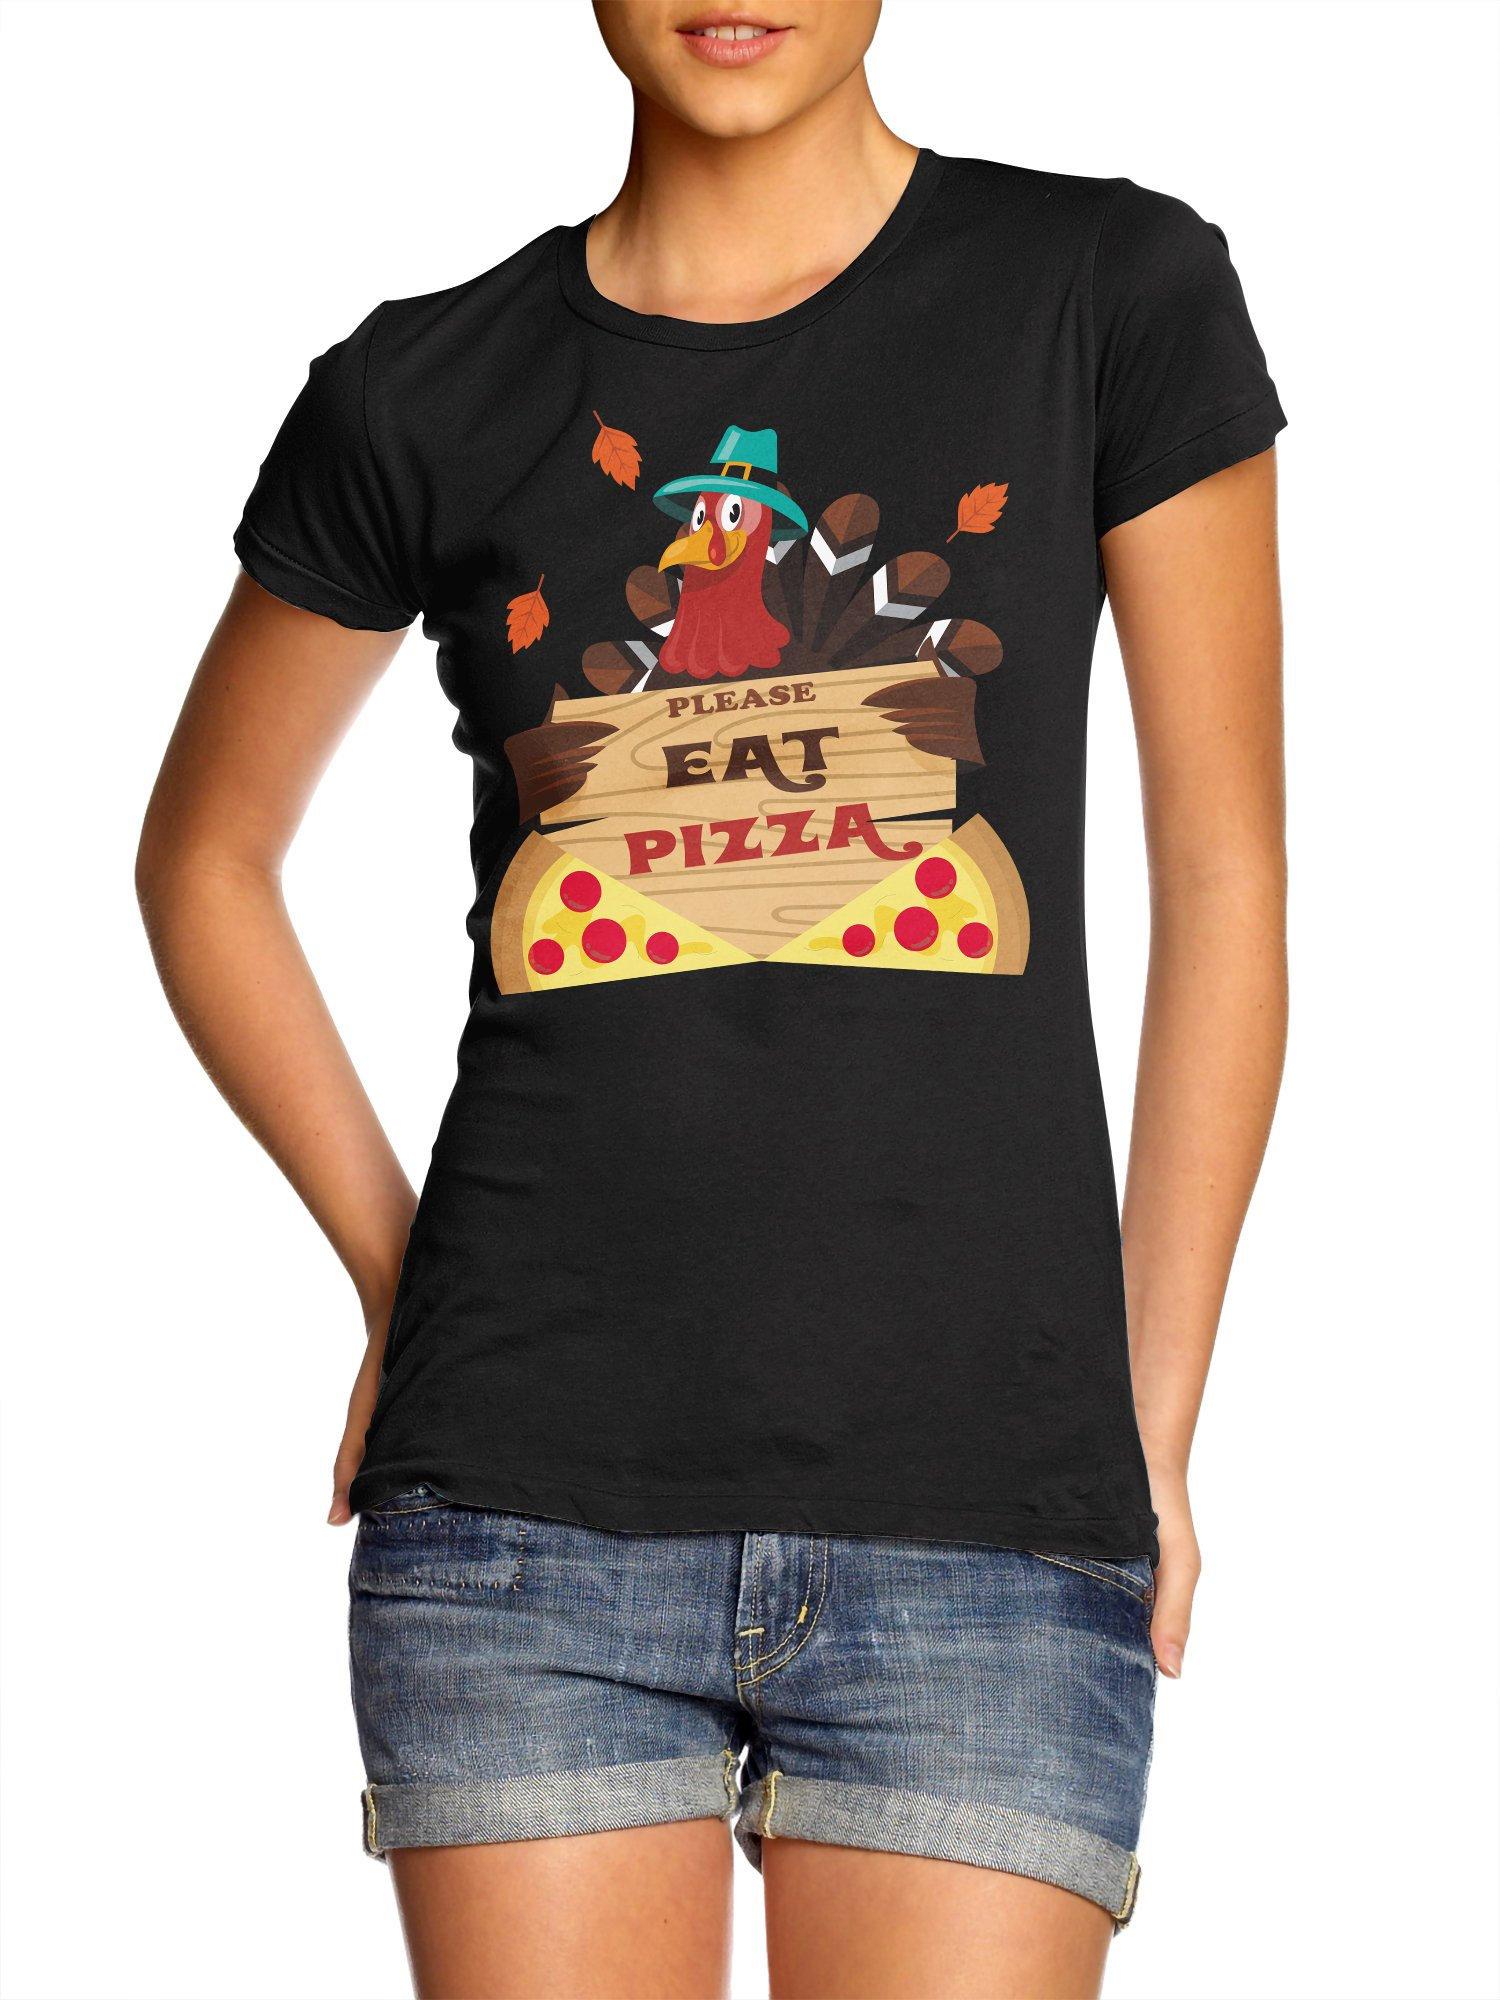 Turquie Turquie Chemise Grâces Manger Chemise De Pizza Action wv7aq4a